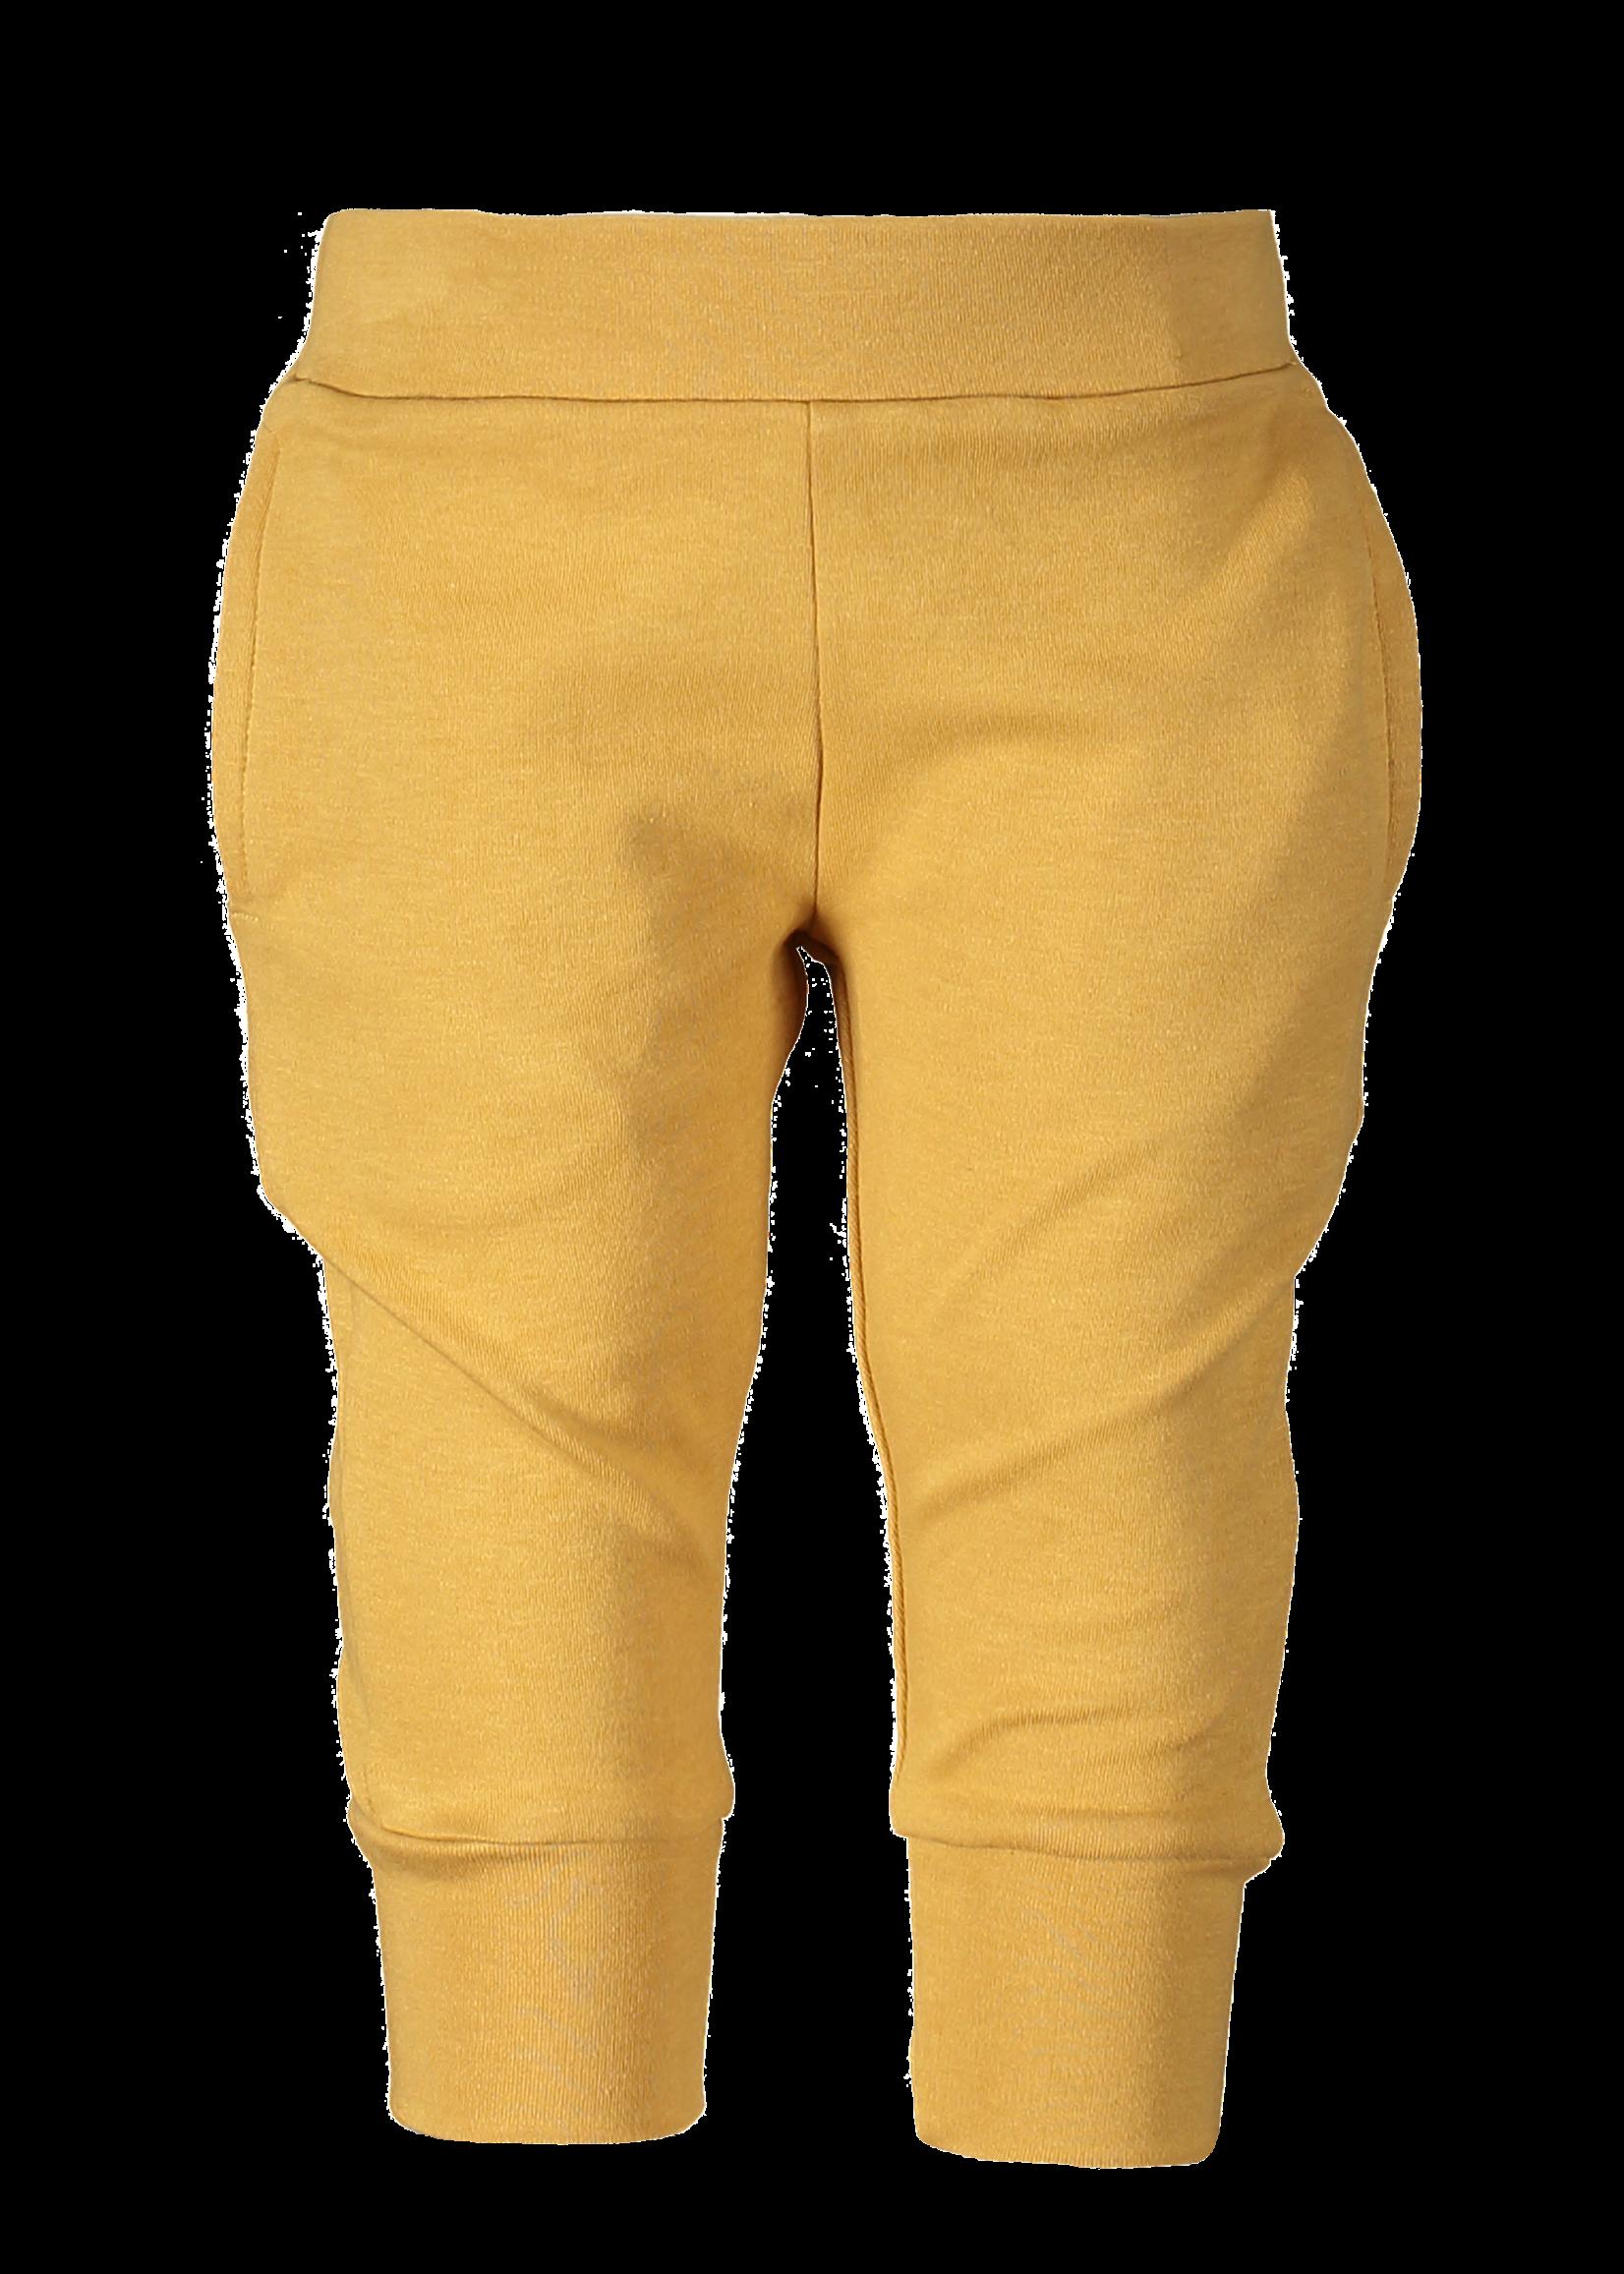 Pexi Lexi PL - Loose fit Pants - Cinnamon